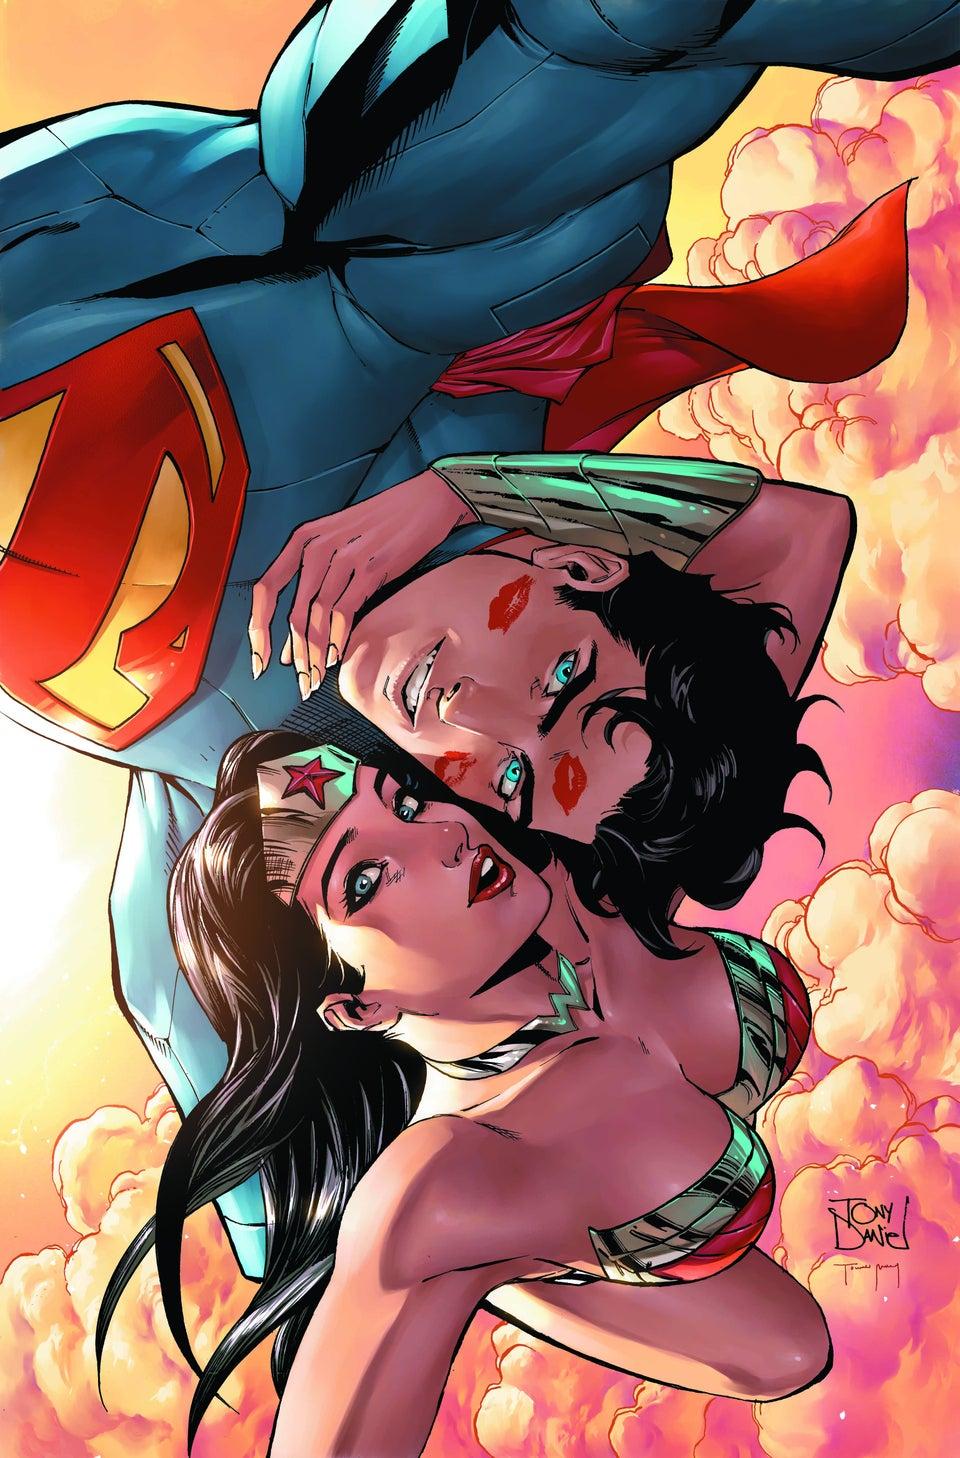 [DC COMICS] Publicaciones Universo DC: Discusión General Smwwcv11selfievarjpg-8dd974_960w